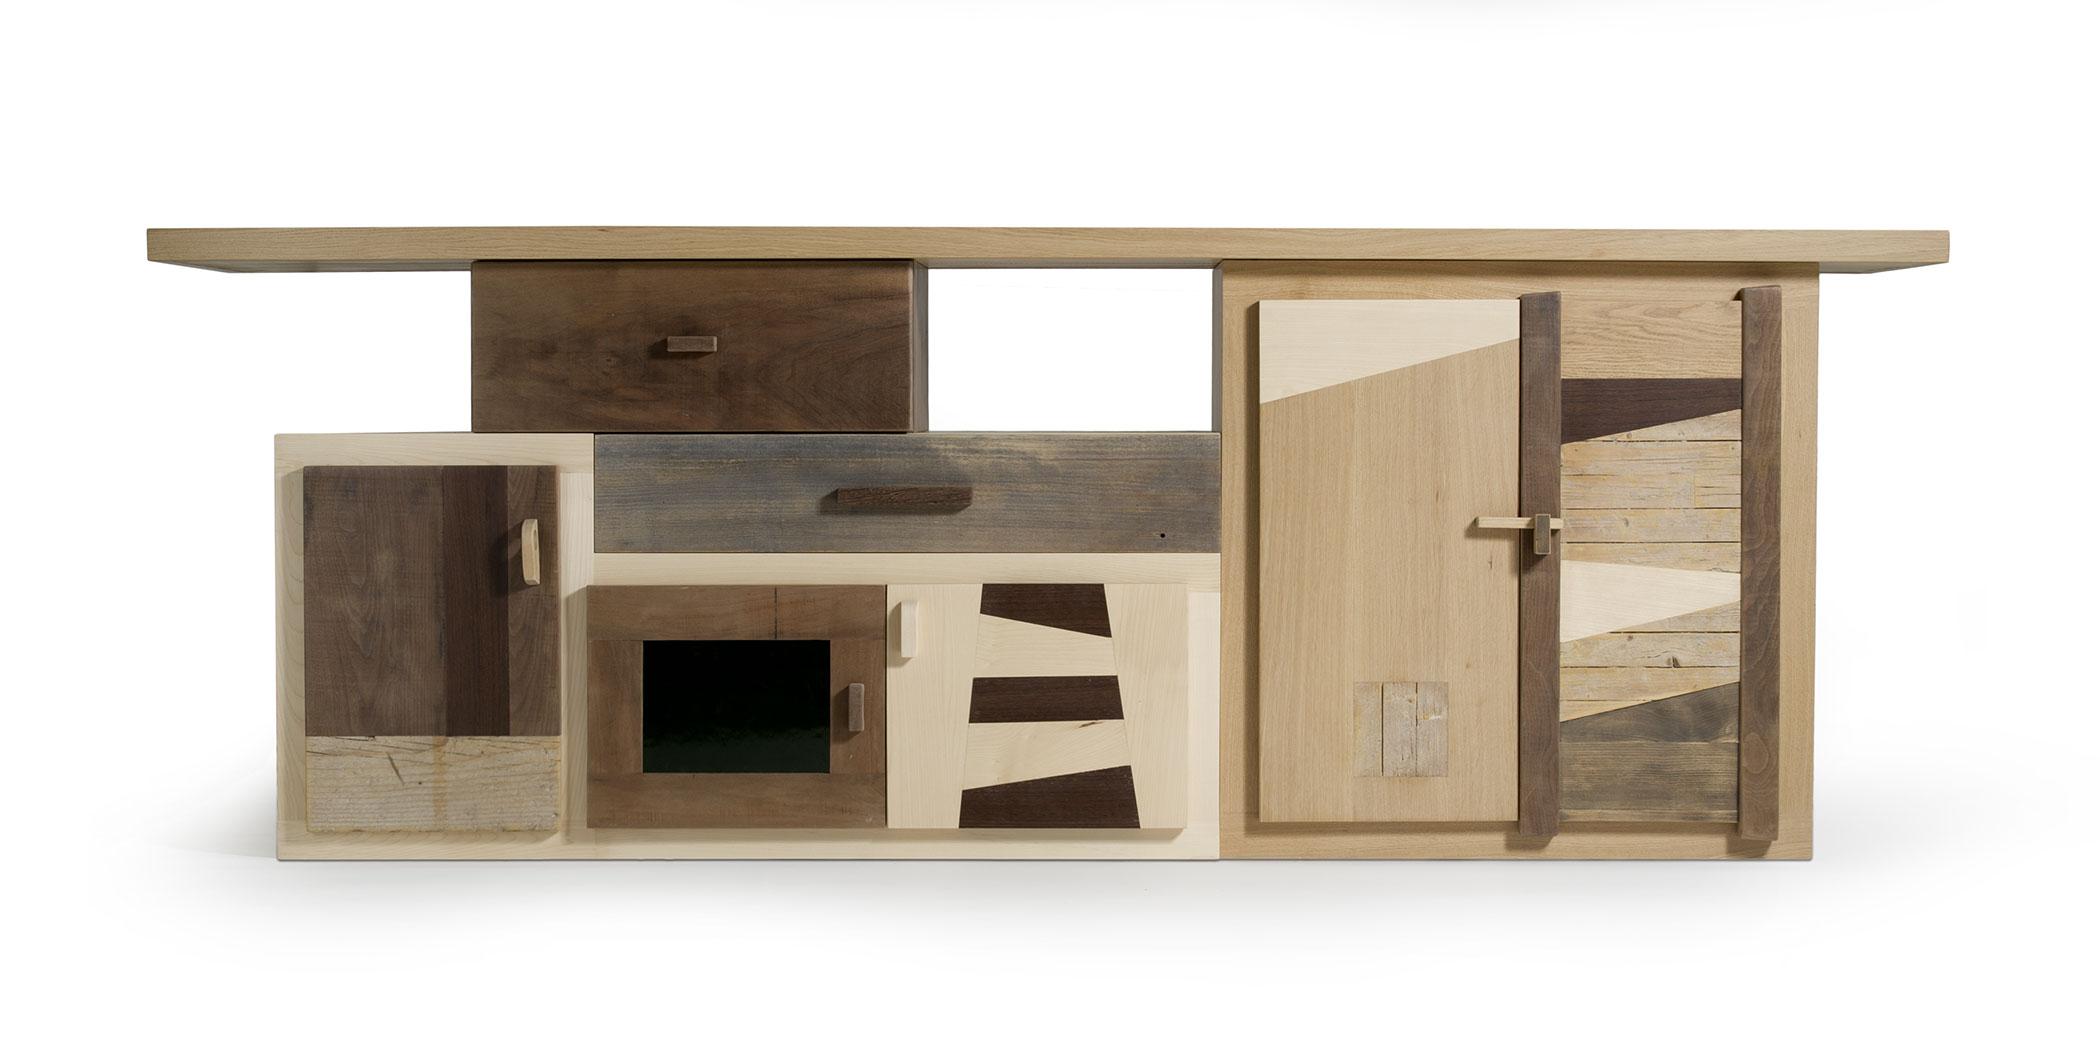 Credenze in legno massello artigianali | Laquercia21